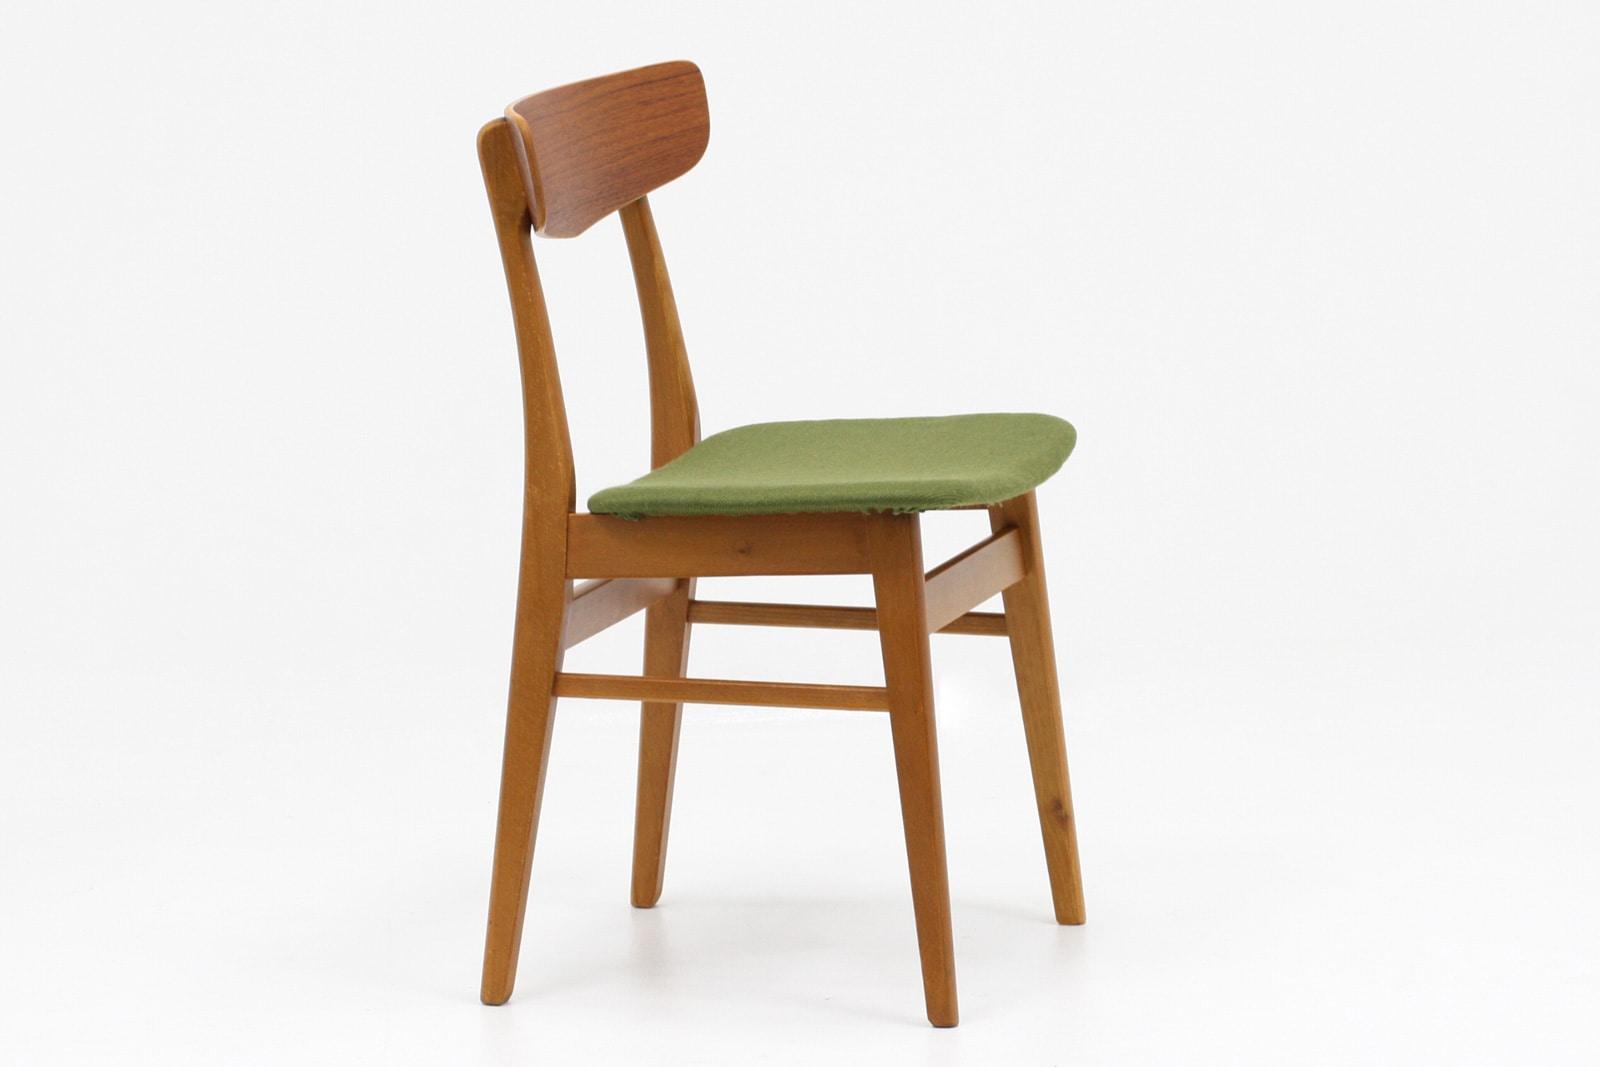 ヴィンテージ,北欧,椅子,緑,座面